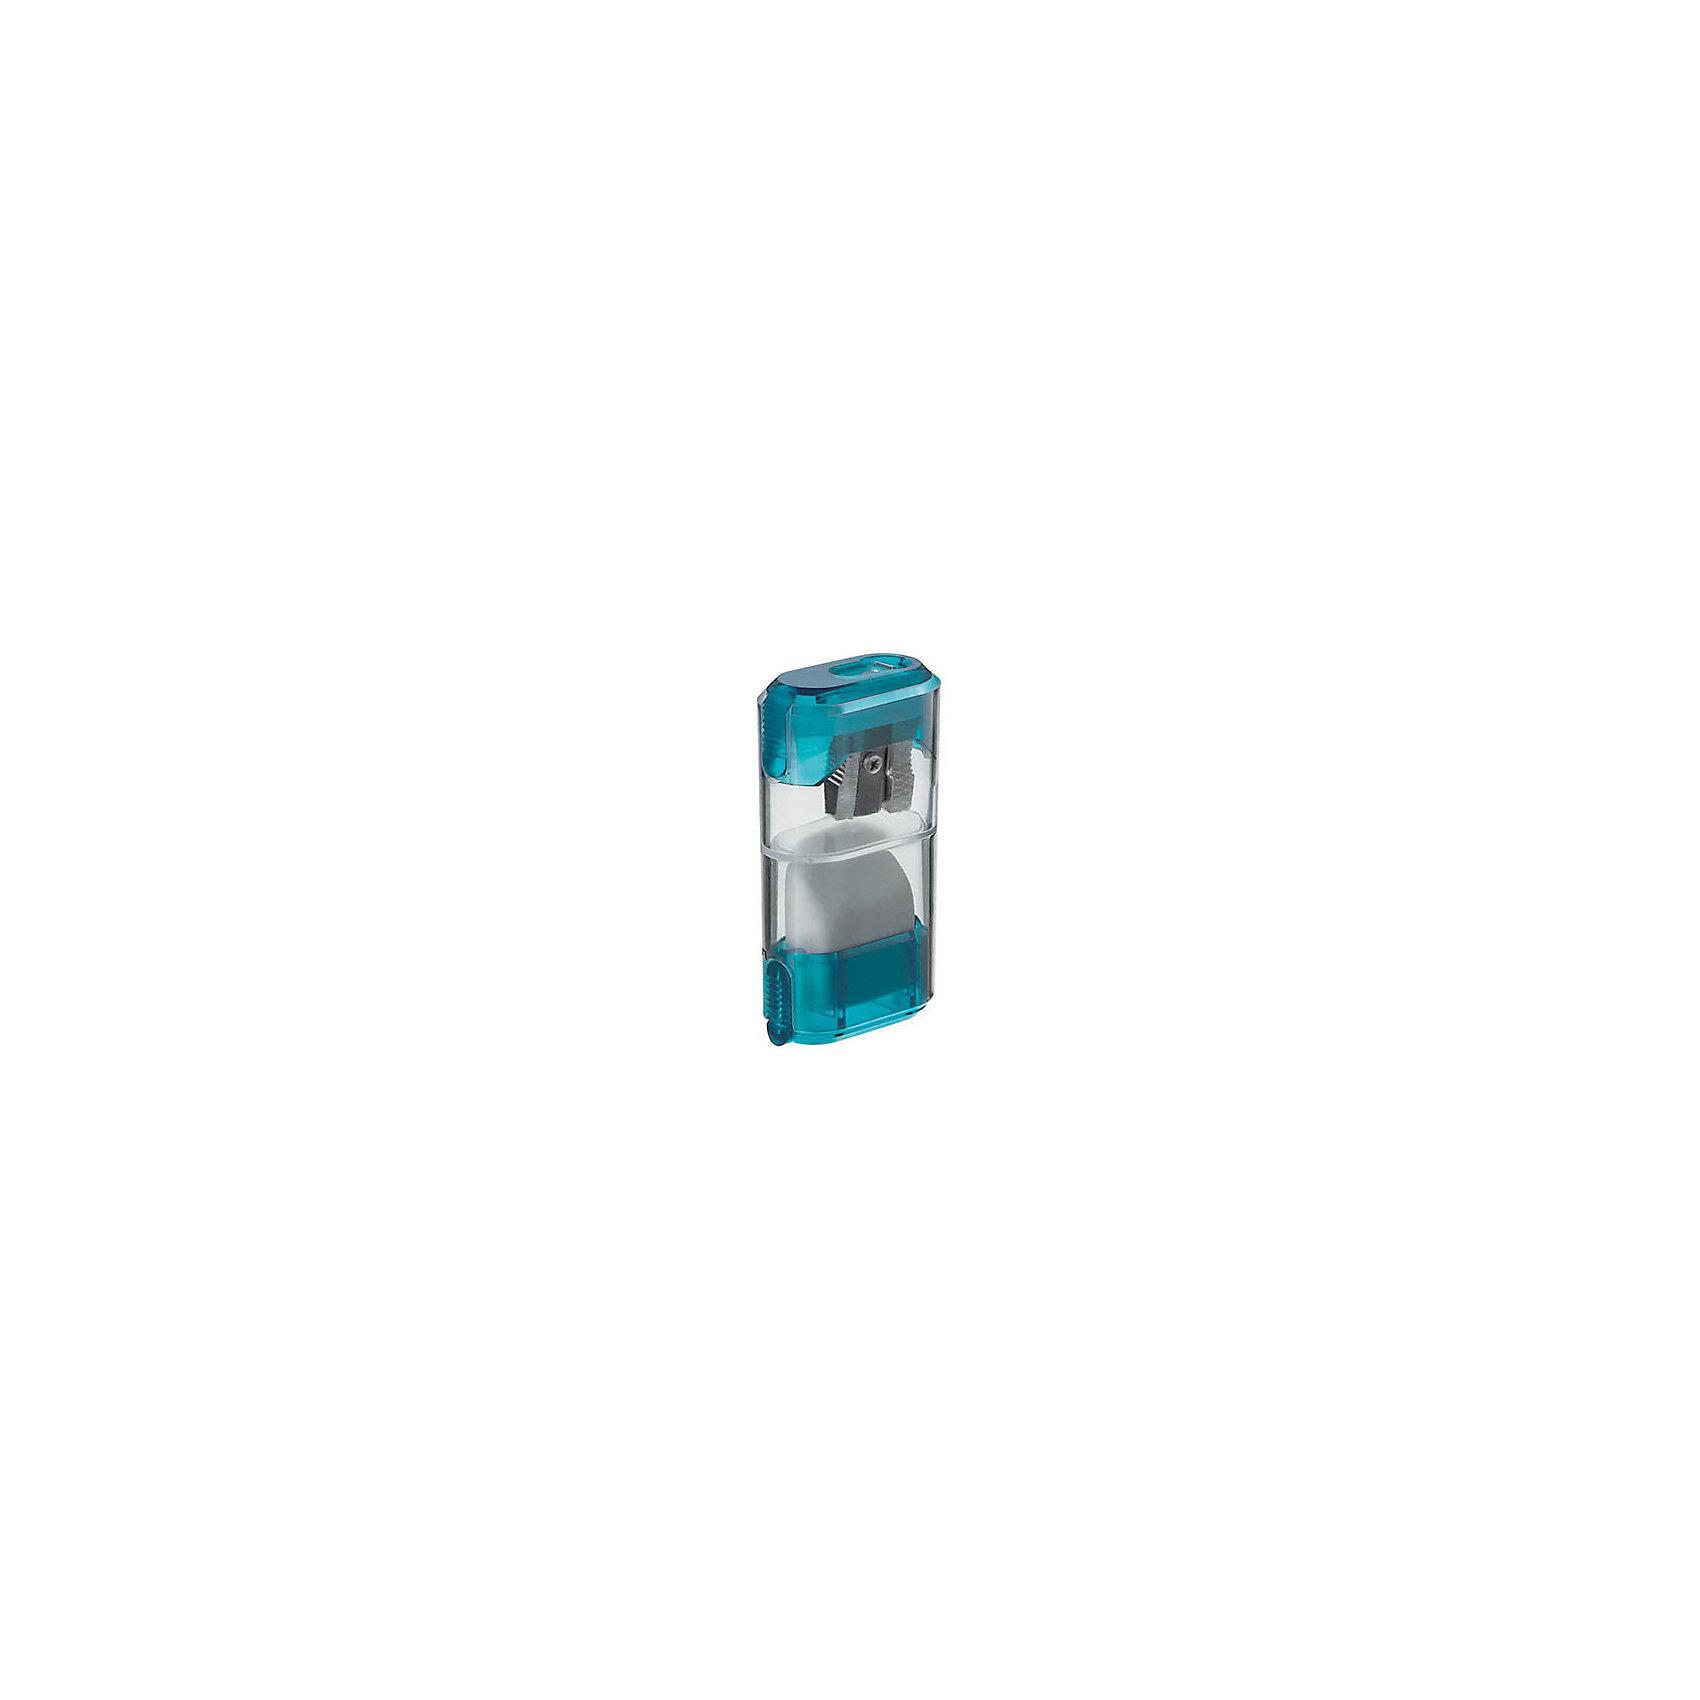 M+R Точилка пластмассоваяПисьменные принадлежности<br>С прозрачным контейнером, включающим отделение для стружки и  ластика, плоская компактная форма. Для  карандашей диаметром 8,2 мм. В блистере<br><br>Ширина мм: 100<br>Глубина мм: 100<br>Высота мм: 60<br>Вес г: 40<br>Возраст от месяцев: 36<br>Возраст до месяцев: 168<br>Пол: Унисекс<br>Возраст: Детский<br>SKU: 6888675